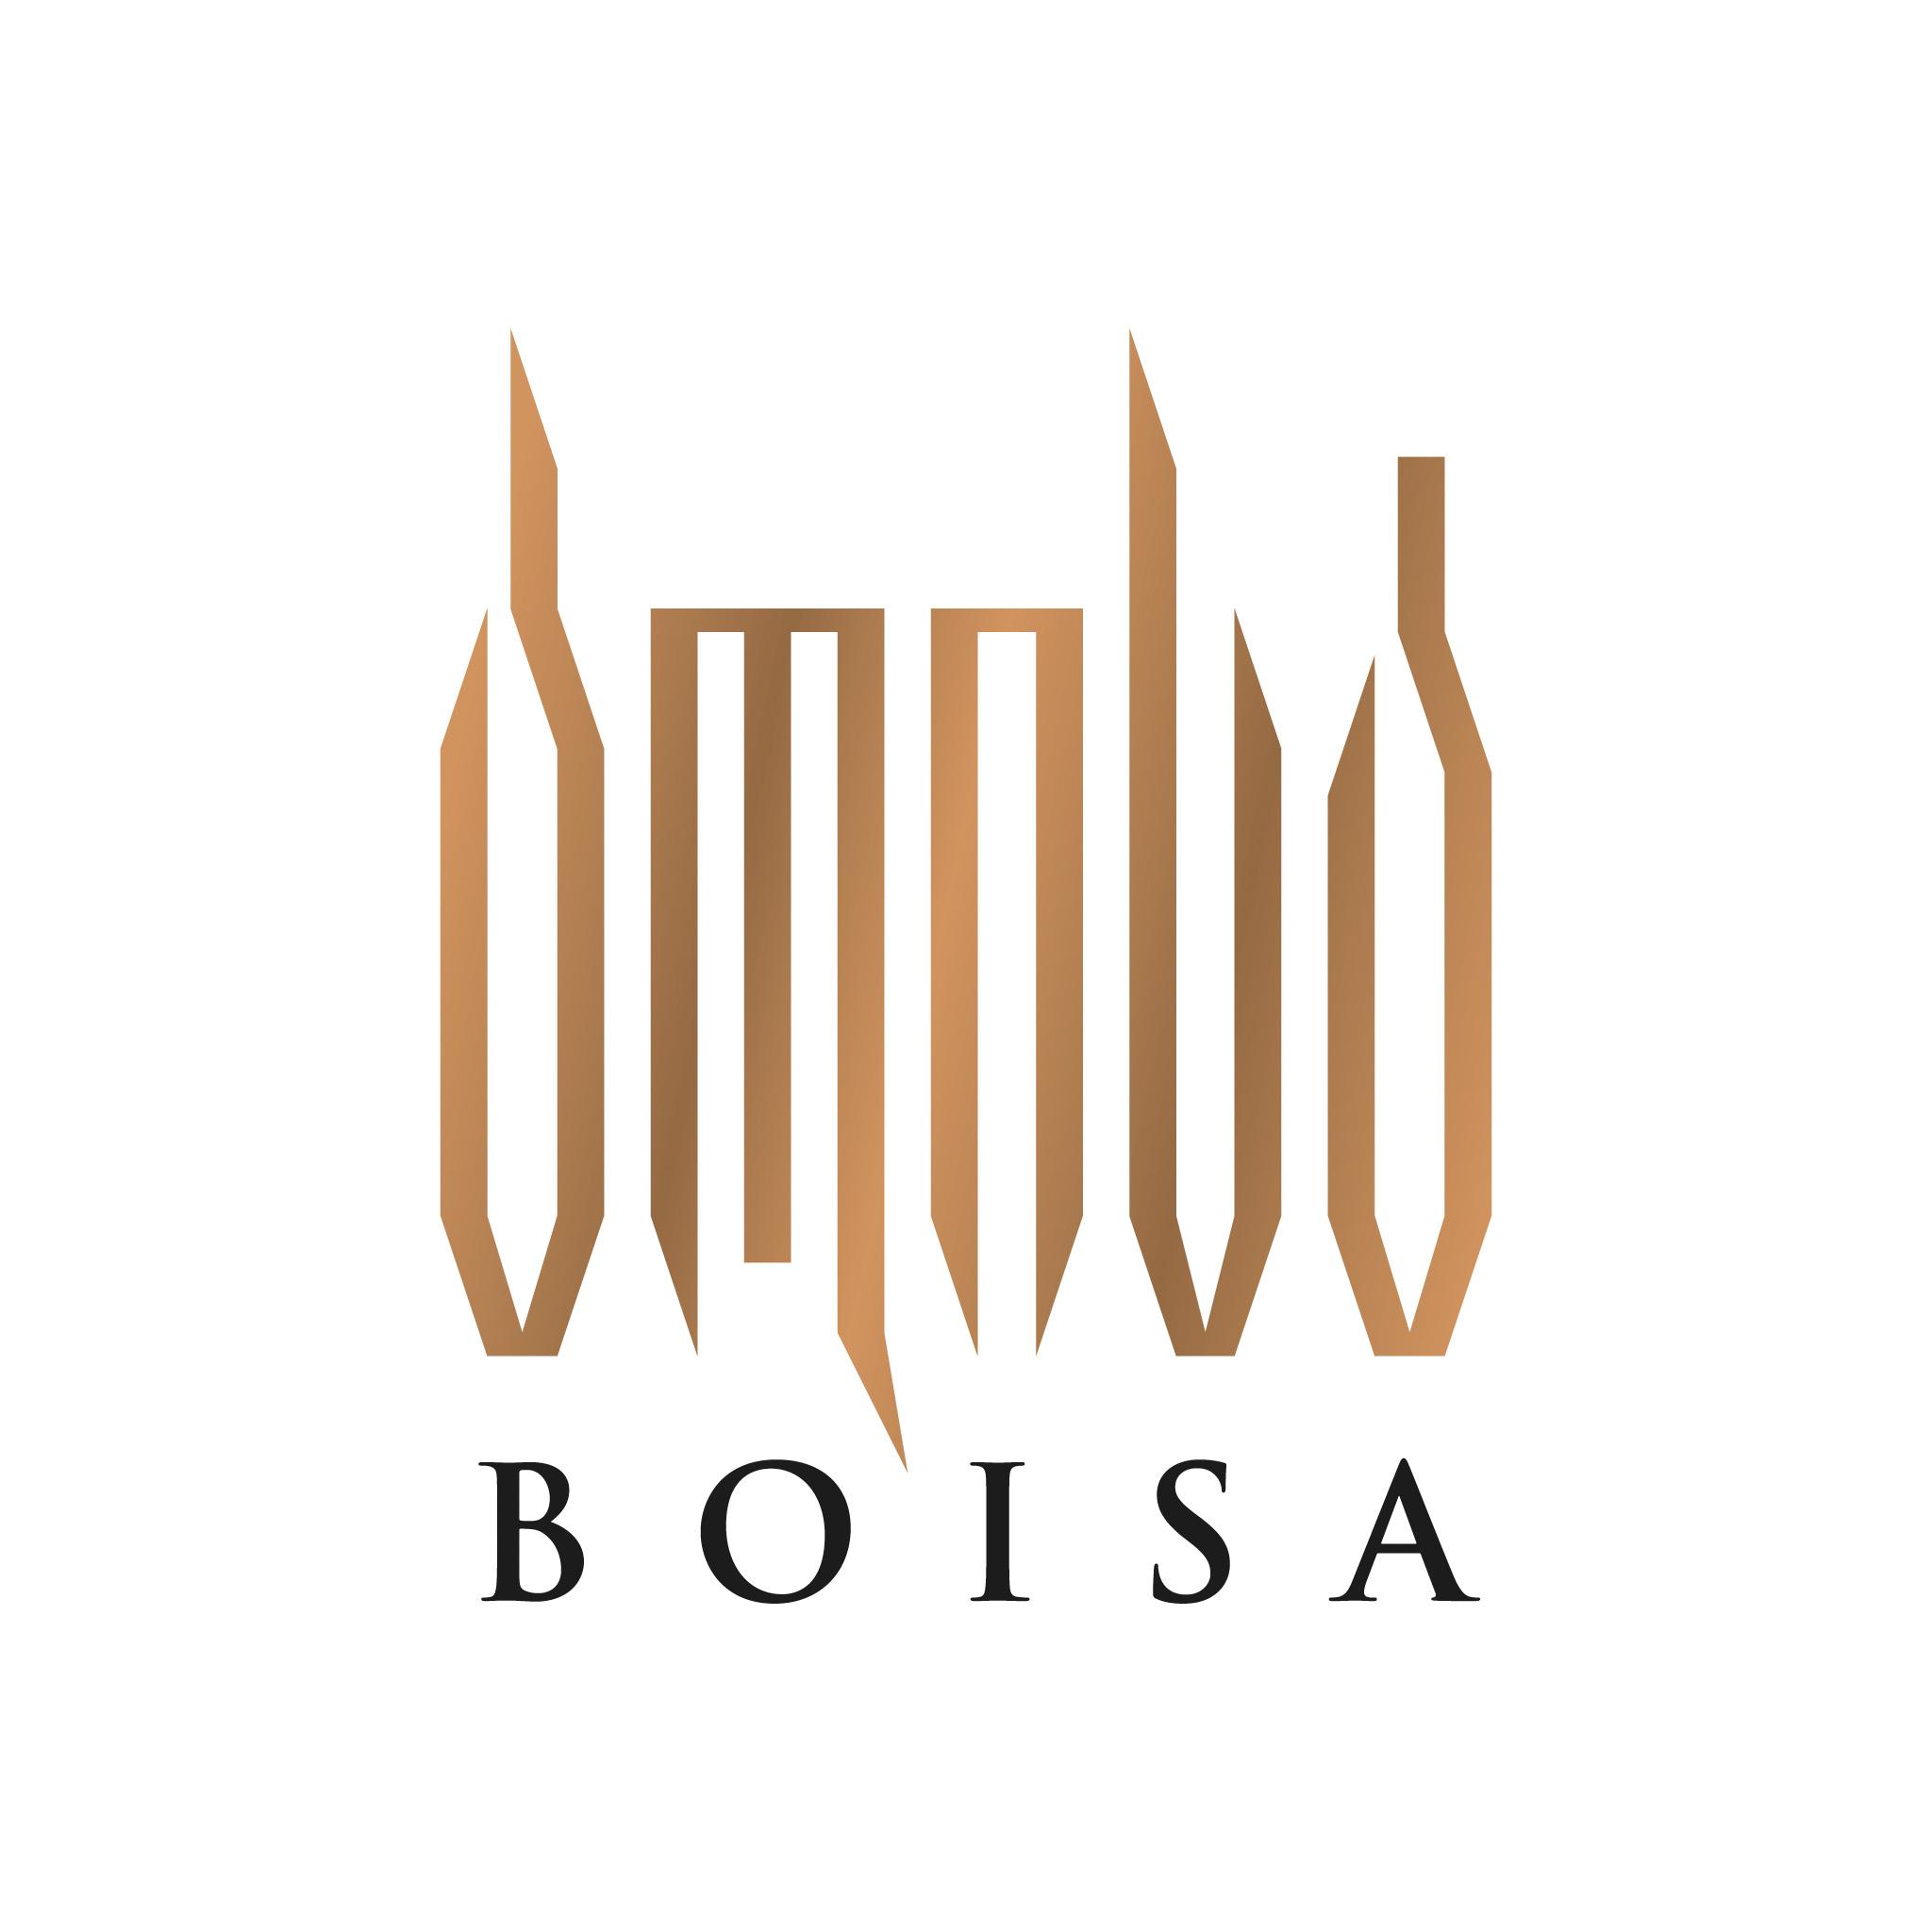 Boisa - logotip za vina in žgane pijače, Gruzija· Naročnik: Vladimer Boisa · Oblikovanje: Marijan Močivnik · 2015